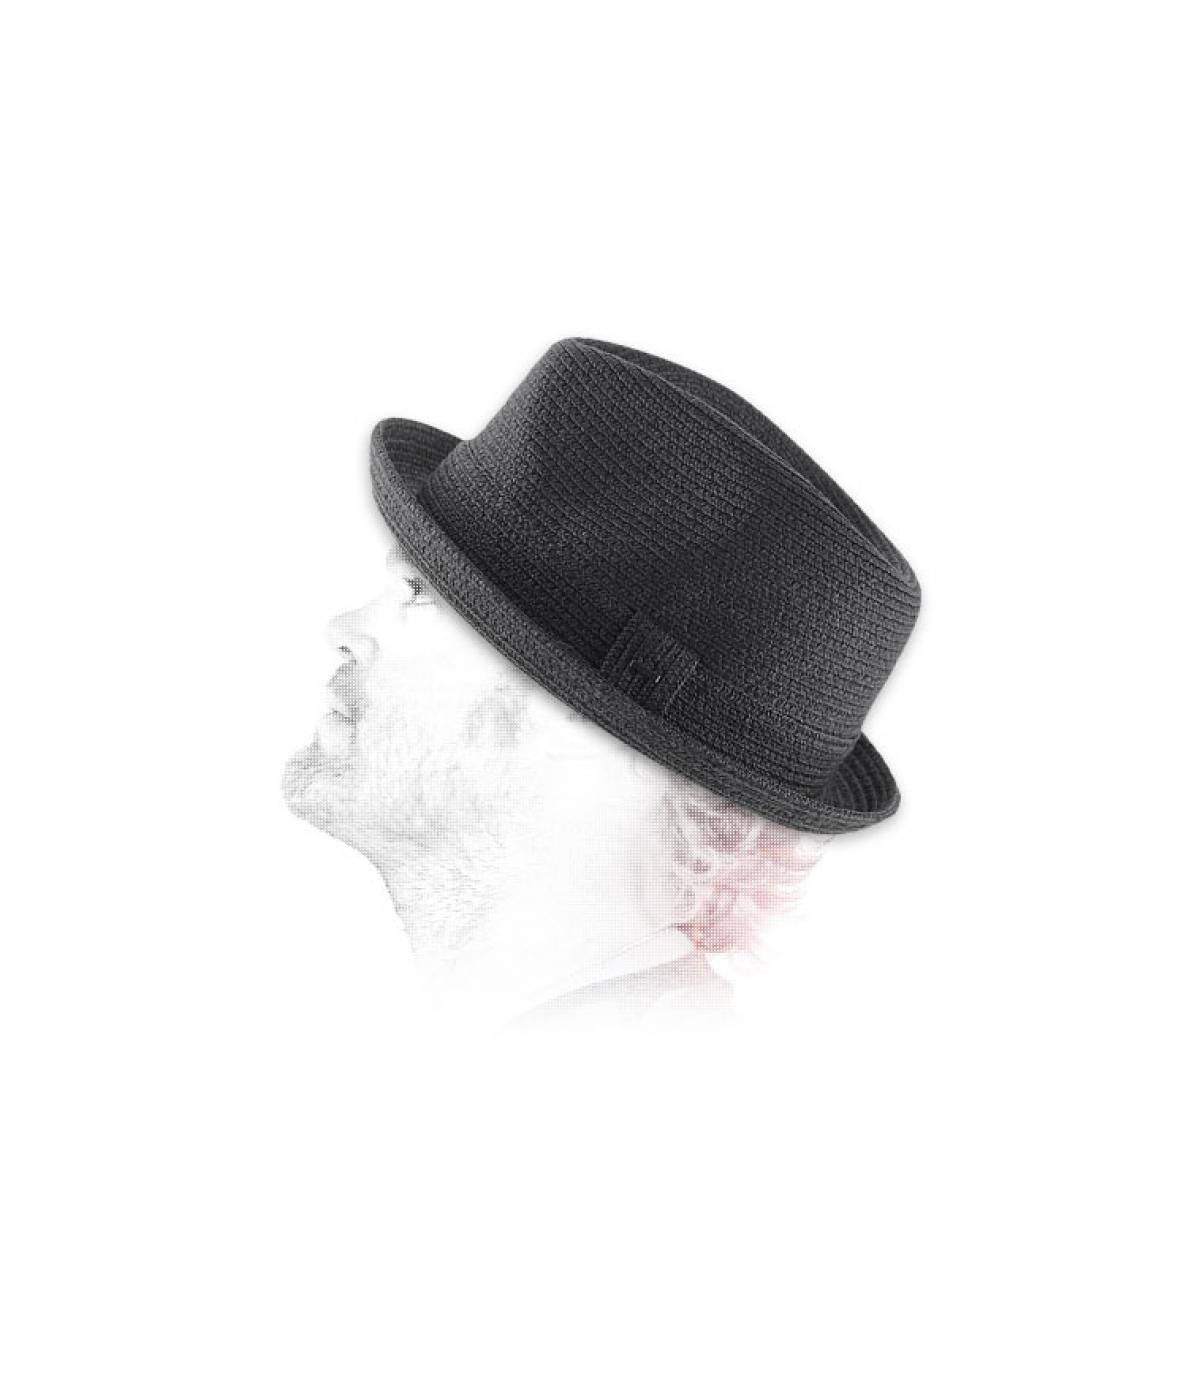 Details Billy schwarzer Hut - Abbildung 3